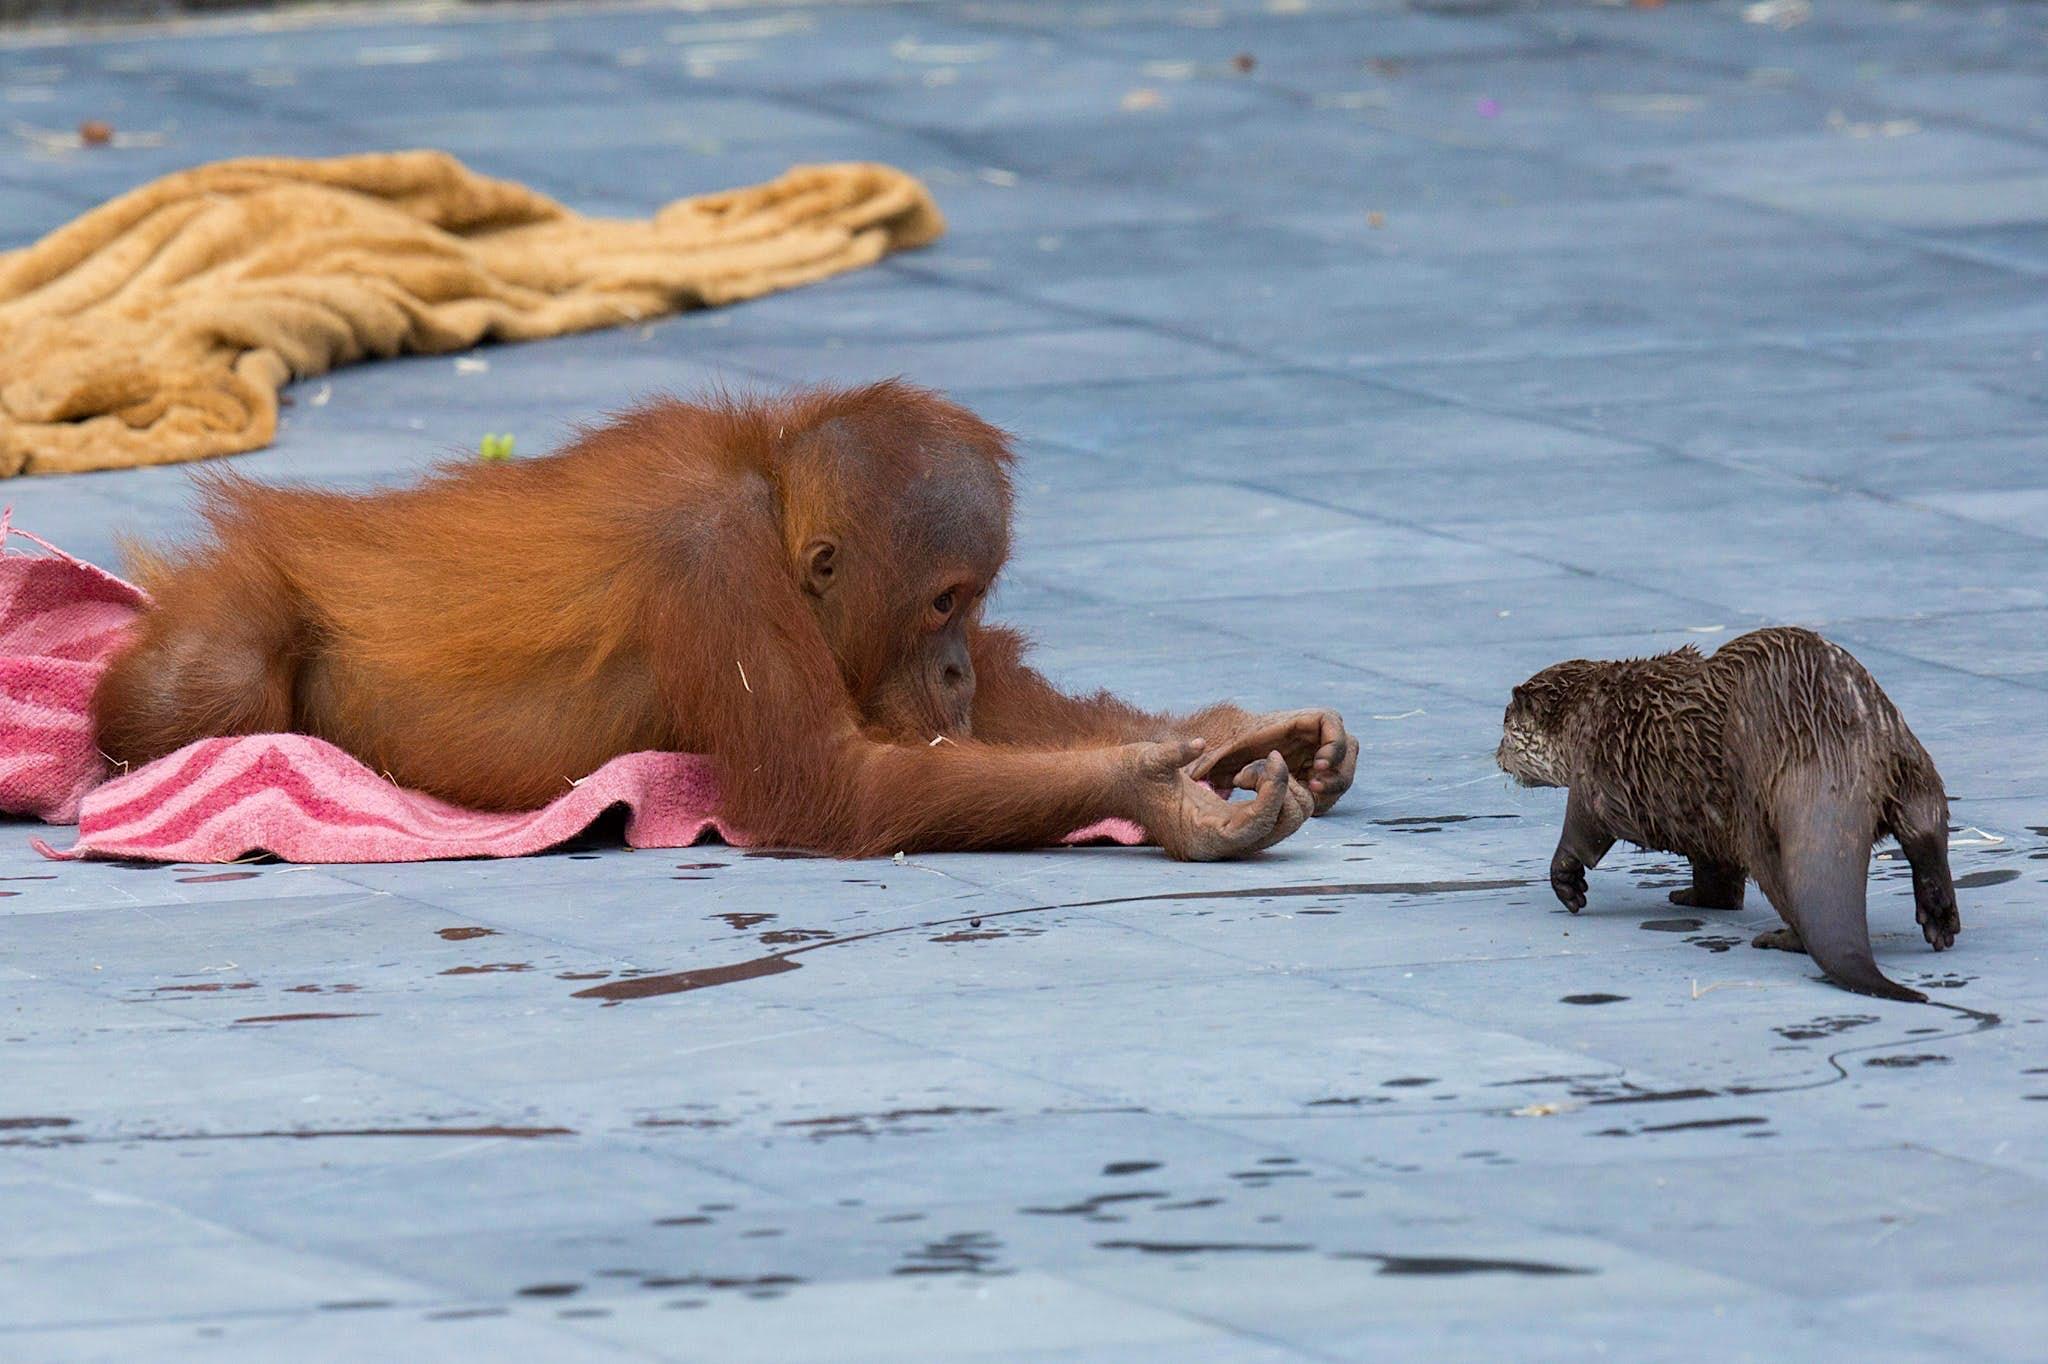 Un bebé orangután yace en el suelo con ambos brazos extendidos hacia una nutria (como si le ofreciera algo).